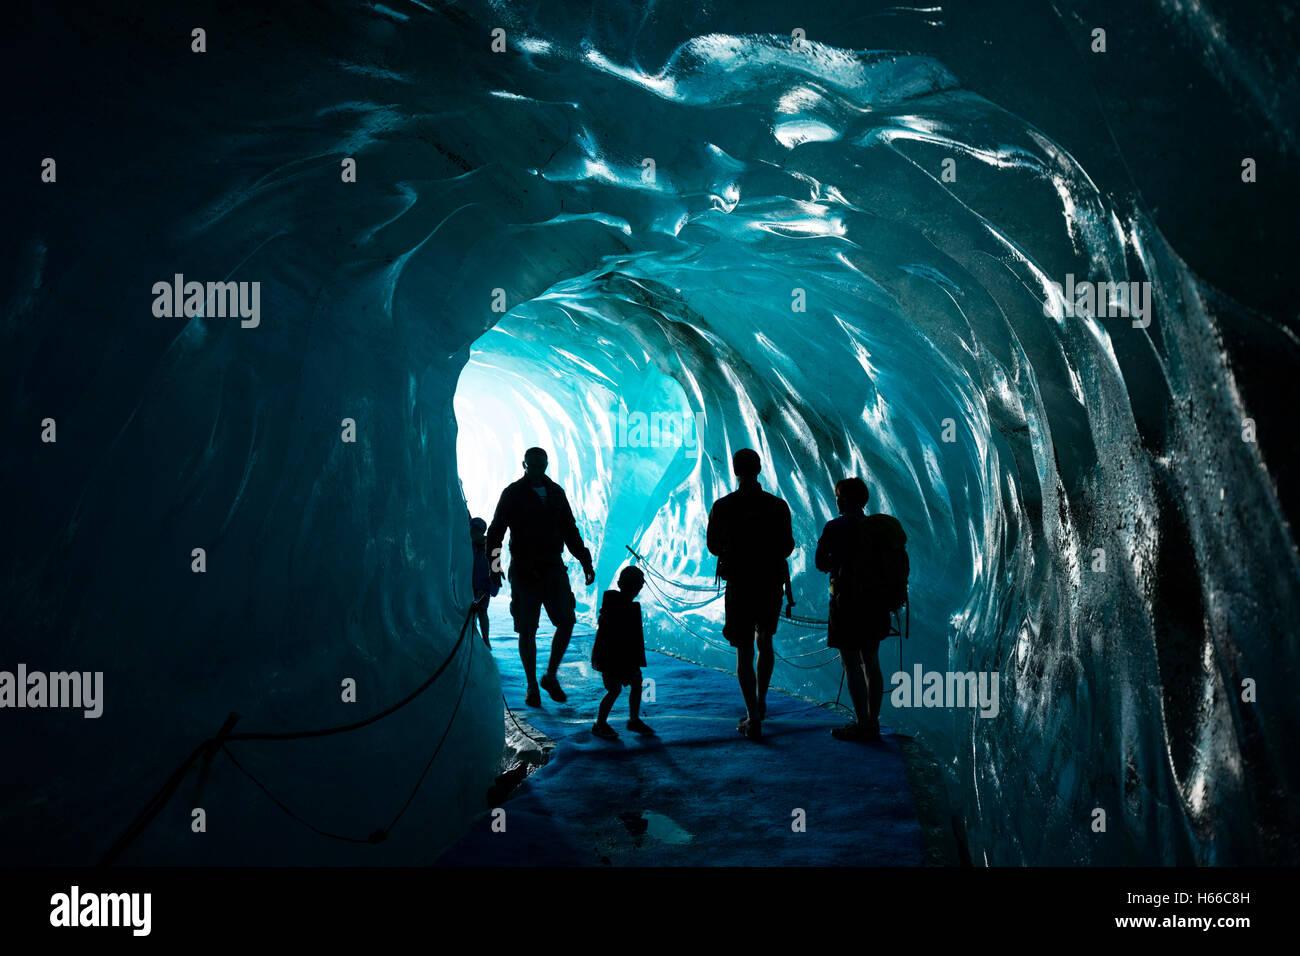 Les touristes à l'intérieur de la grotte de glace dans la Mer de Glace, train du Montenvers. Vallée Photo Stock